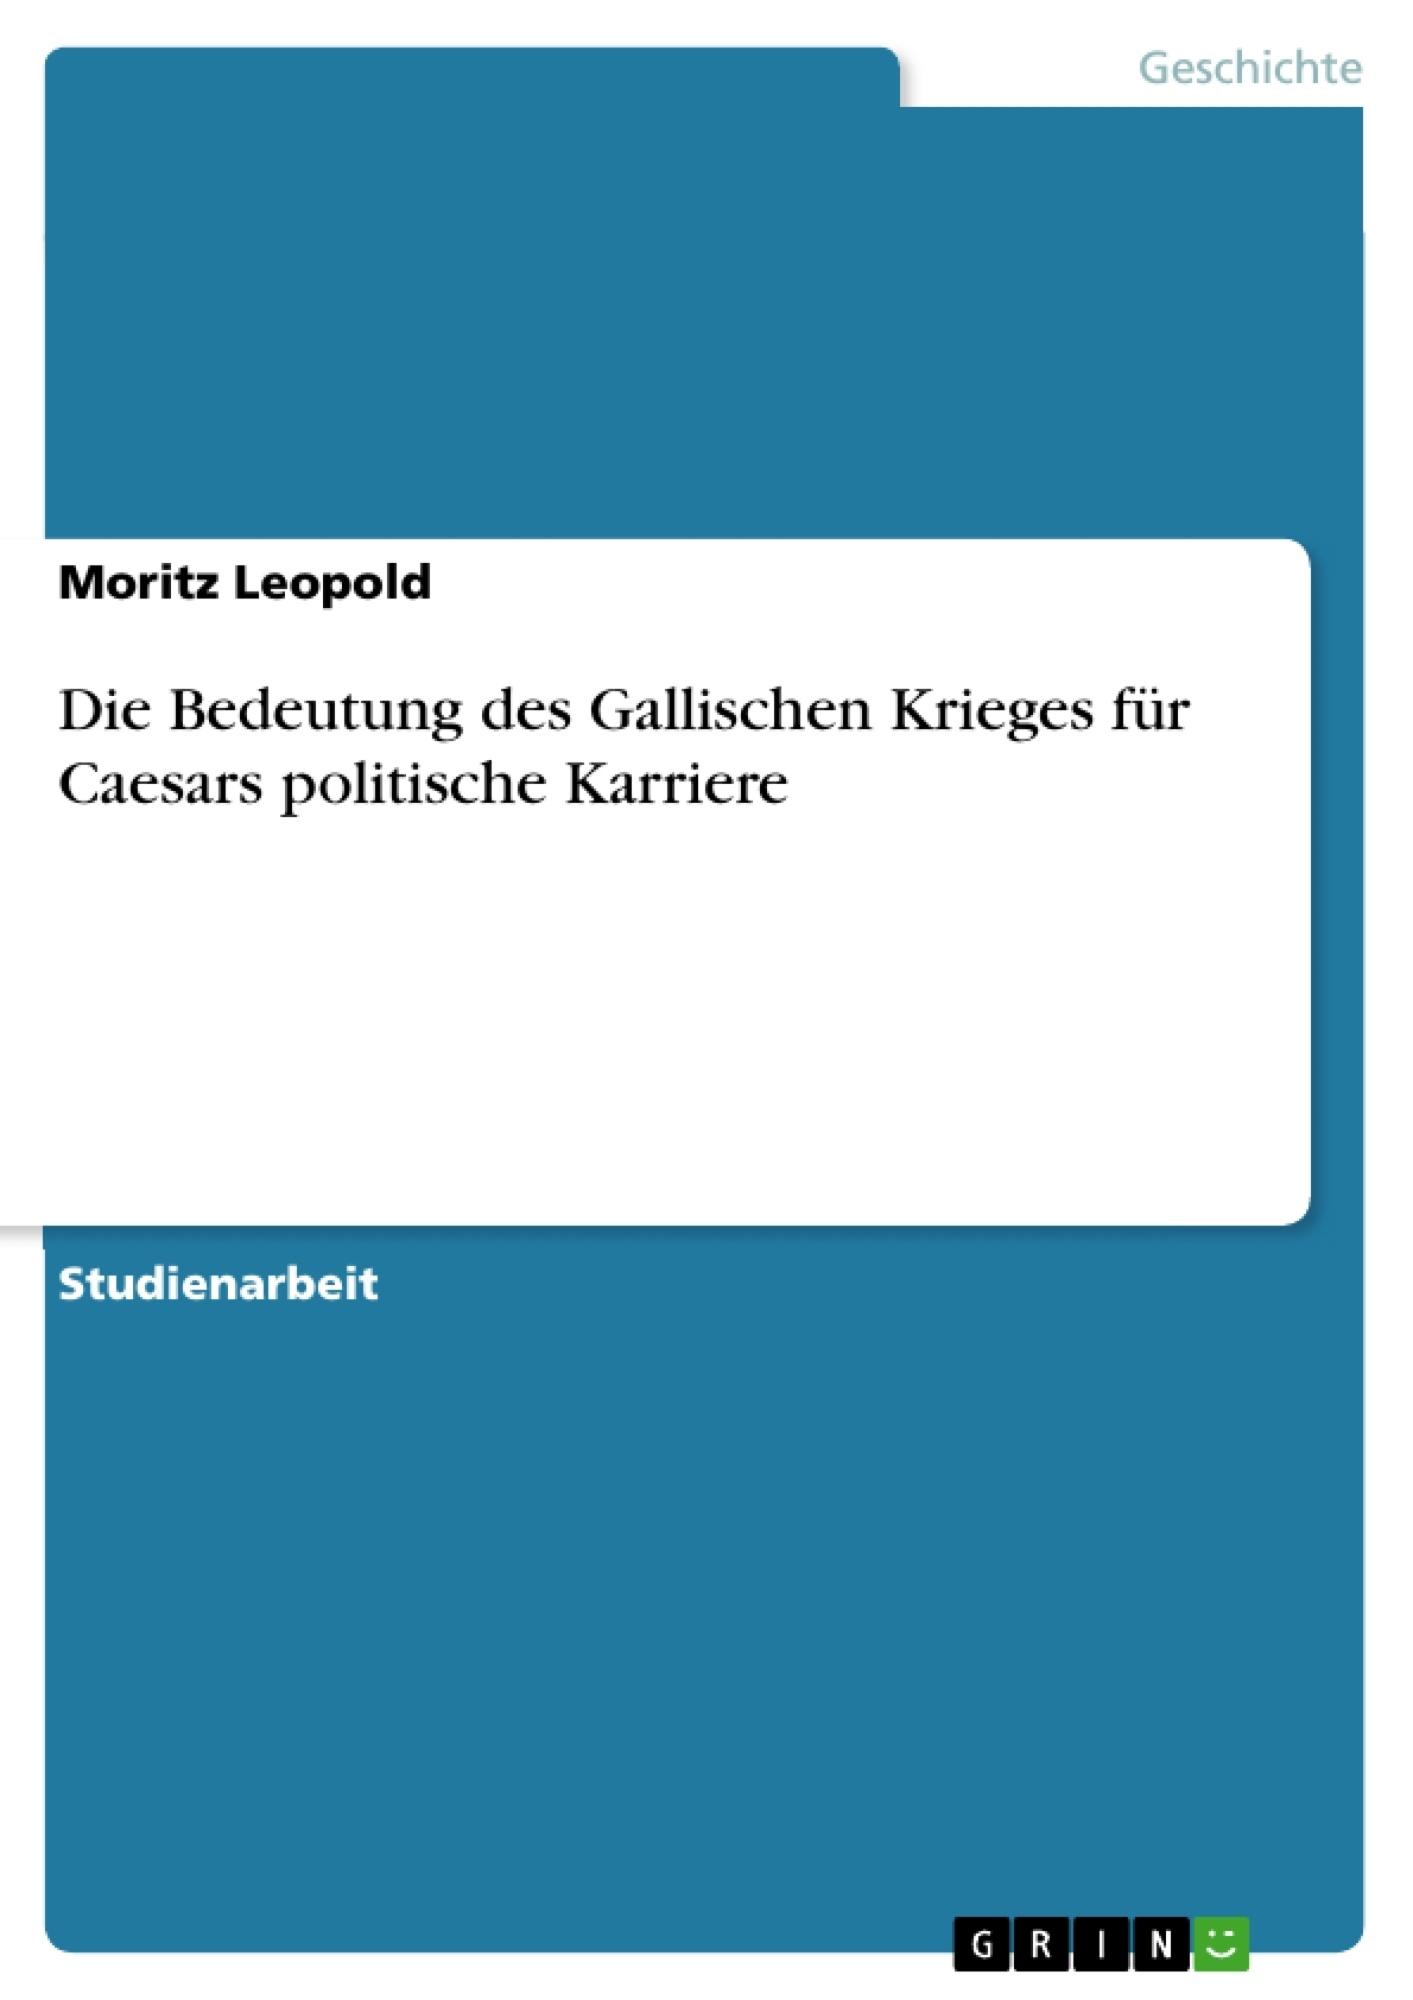 Titel: Die Bedeutung des Gallischen Krieges für Caesars politische Karriere